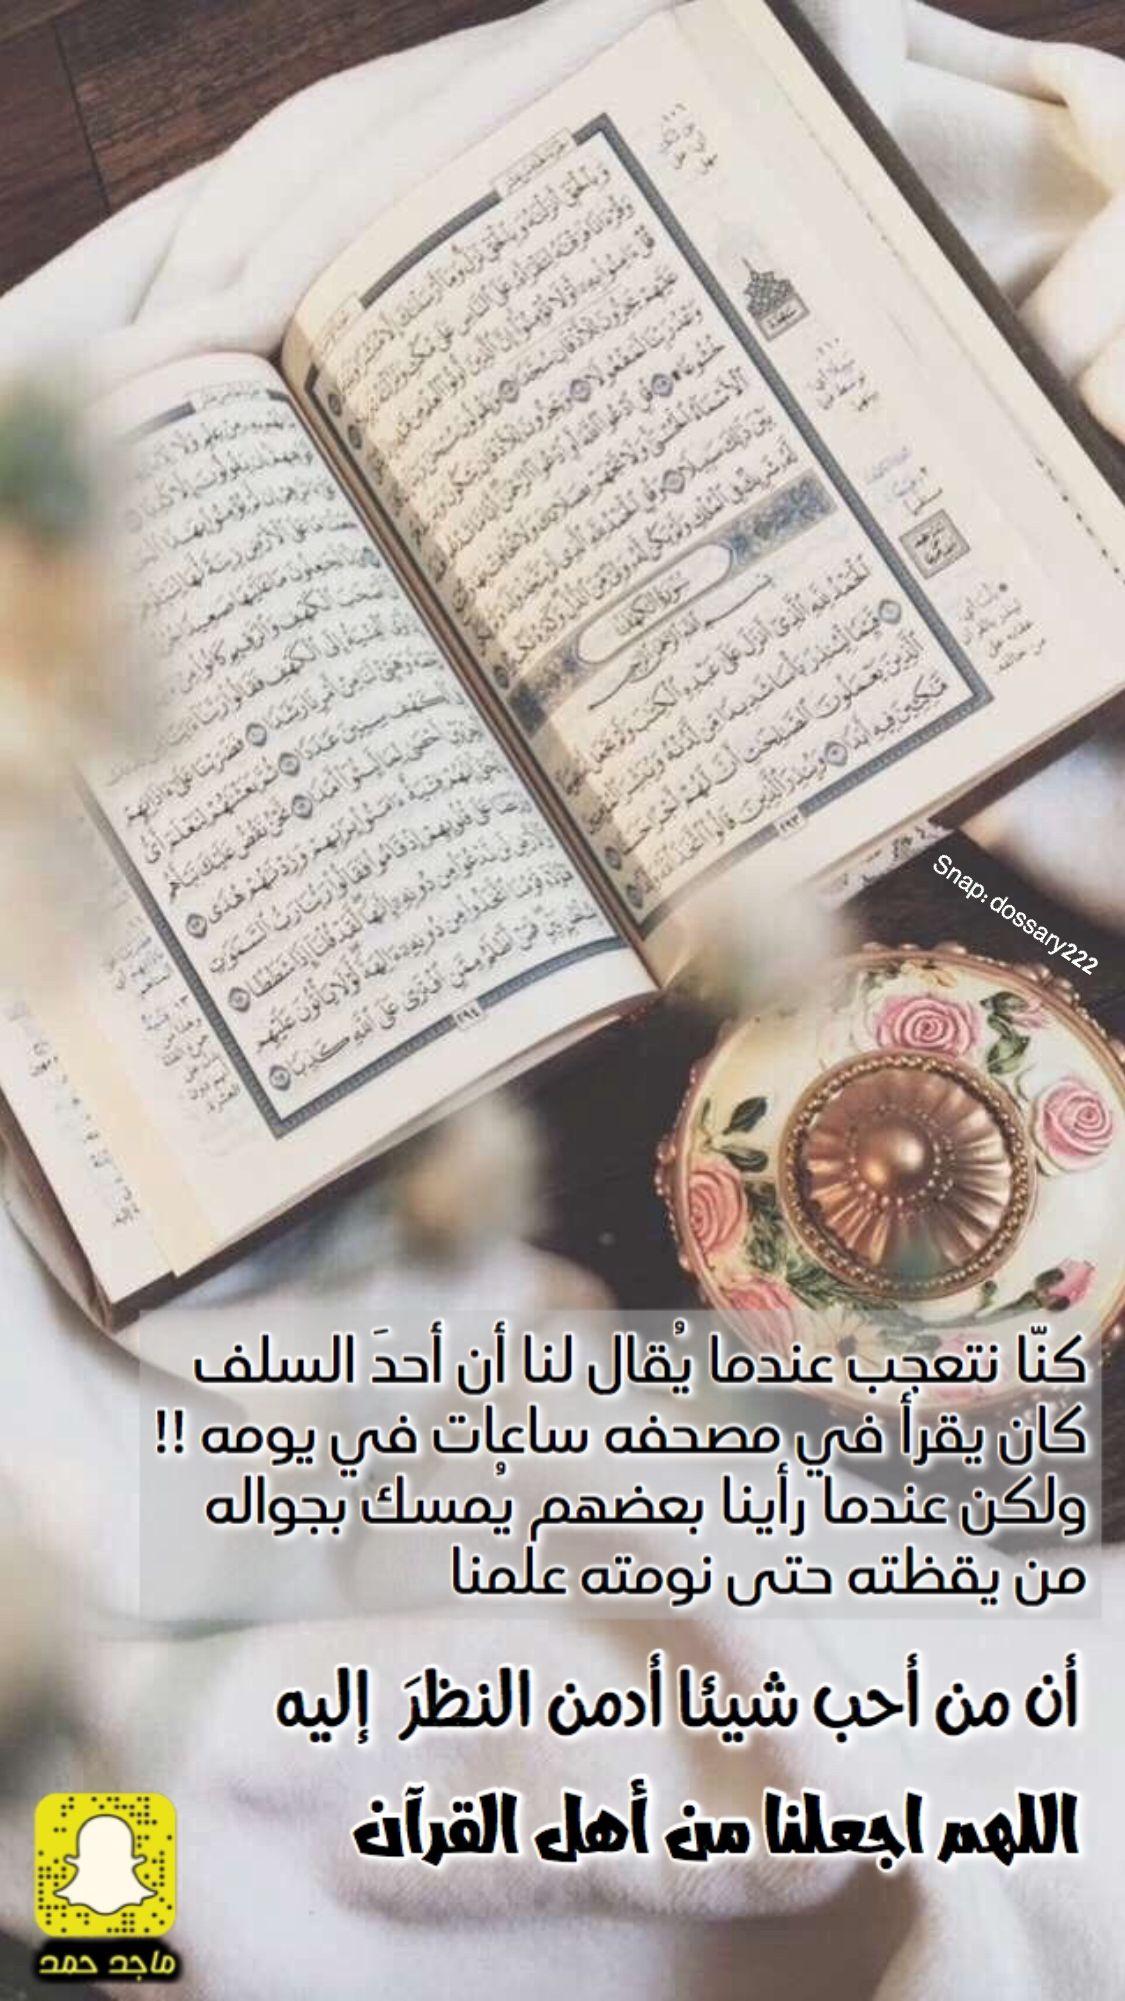 السلف مع القرآن رمضان In 2020 Event Event Ticket